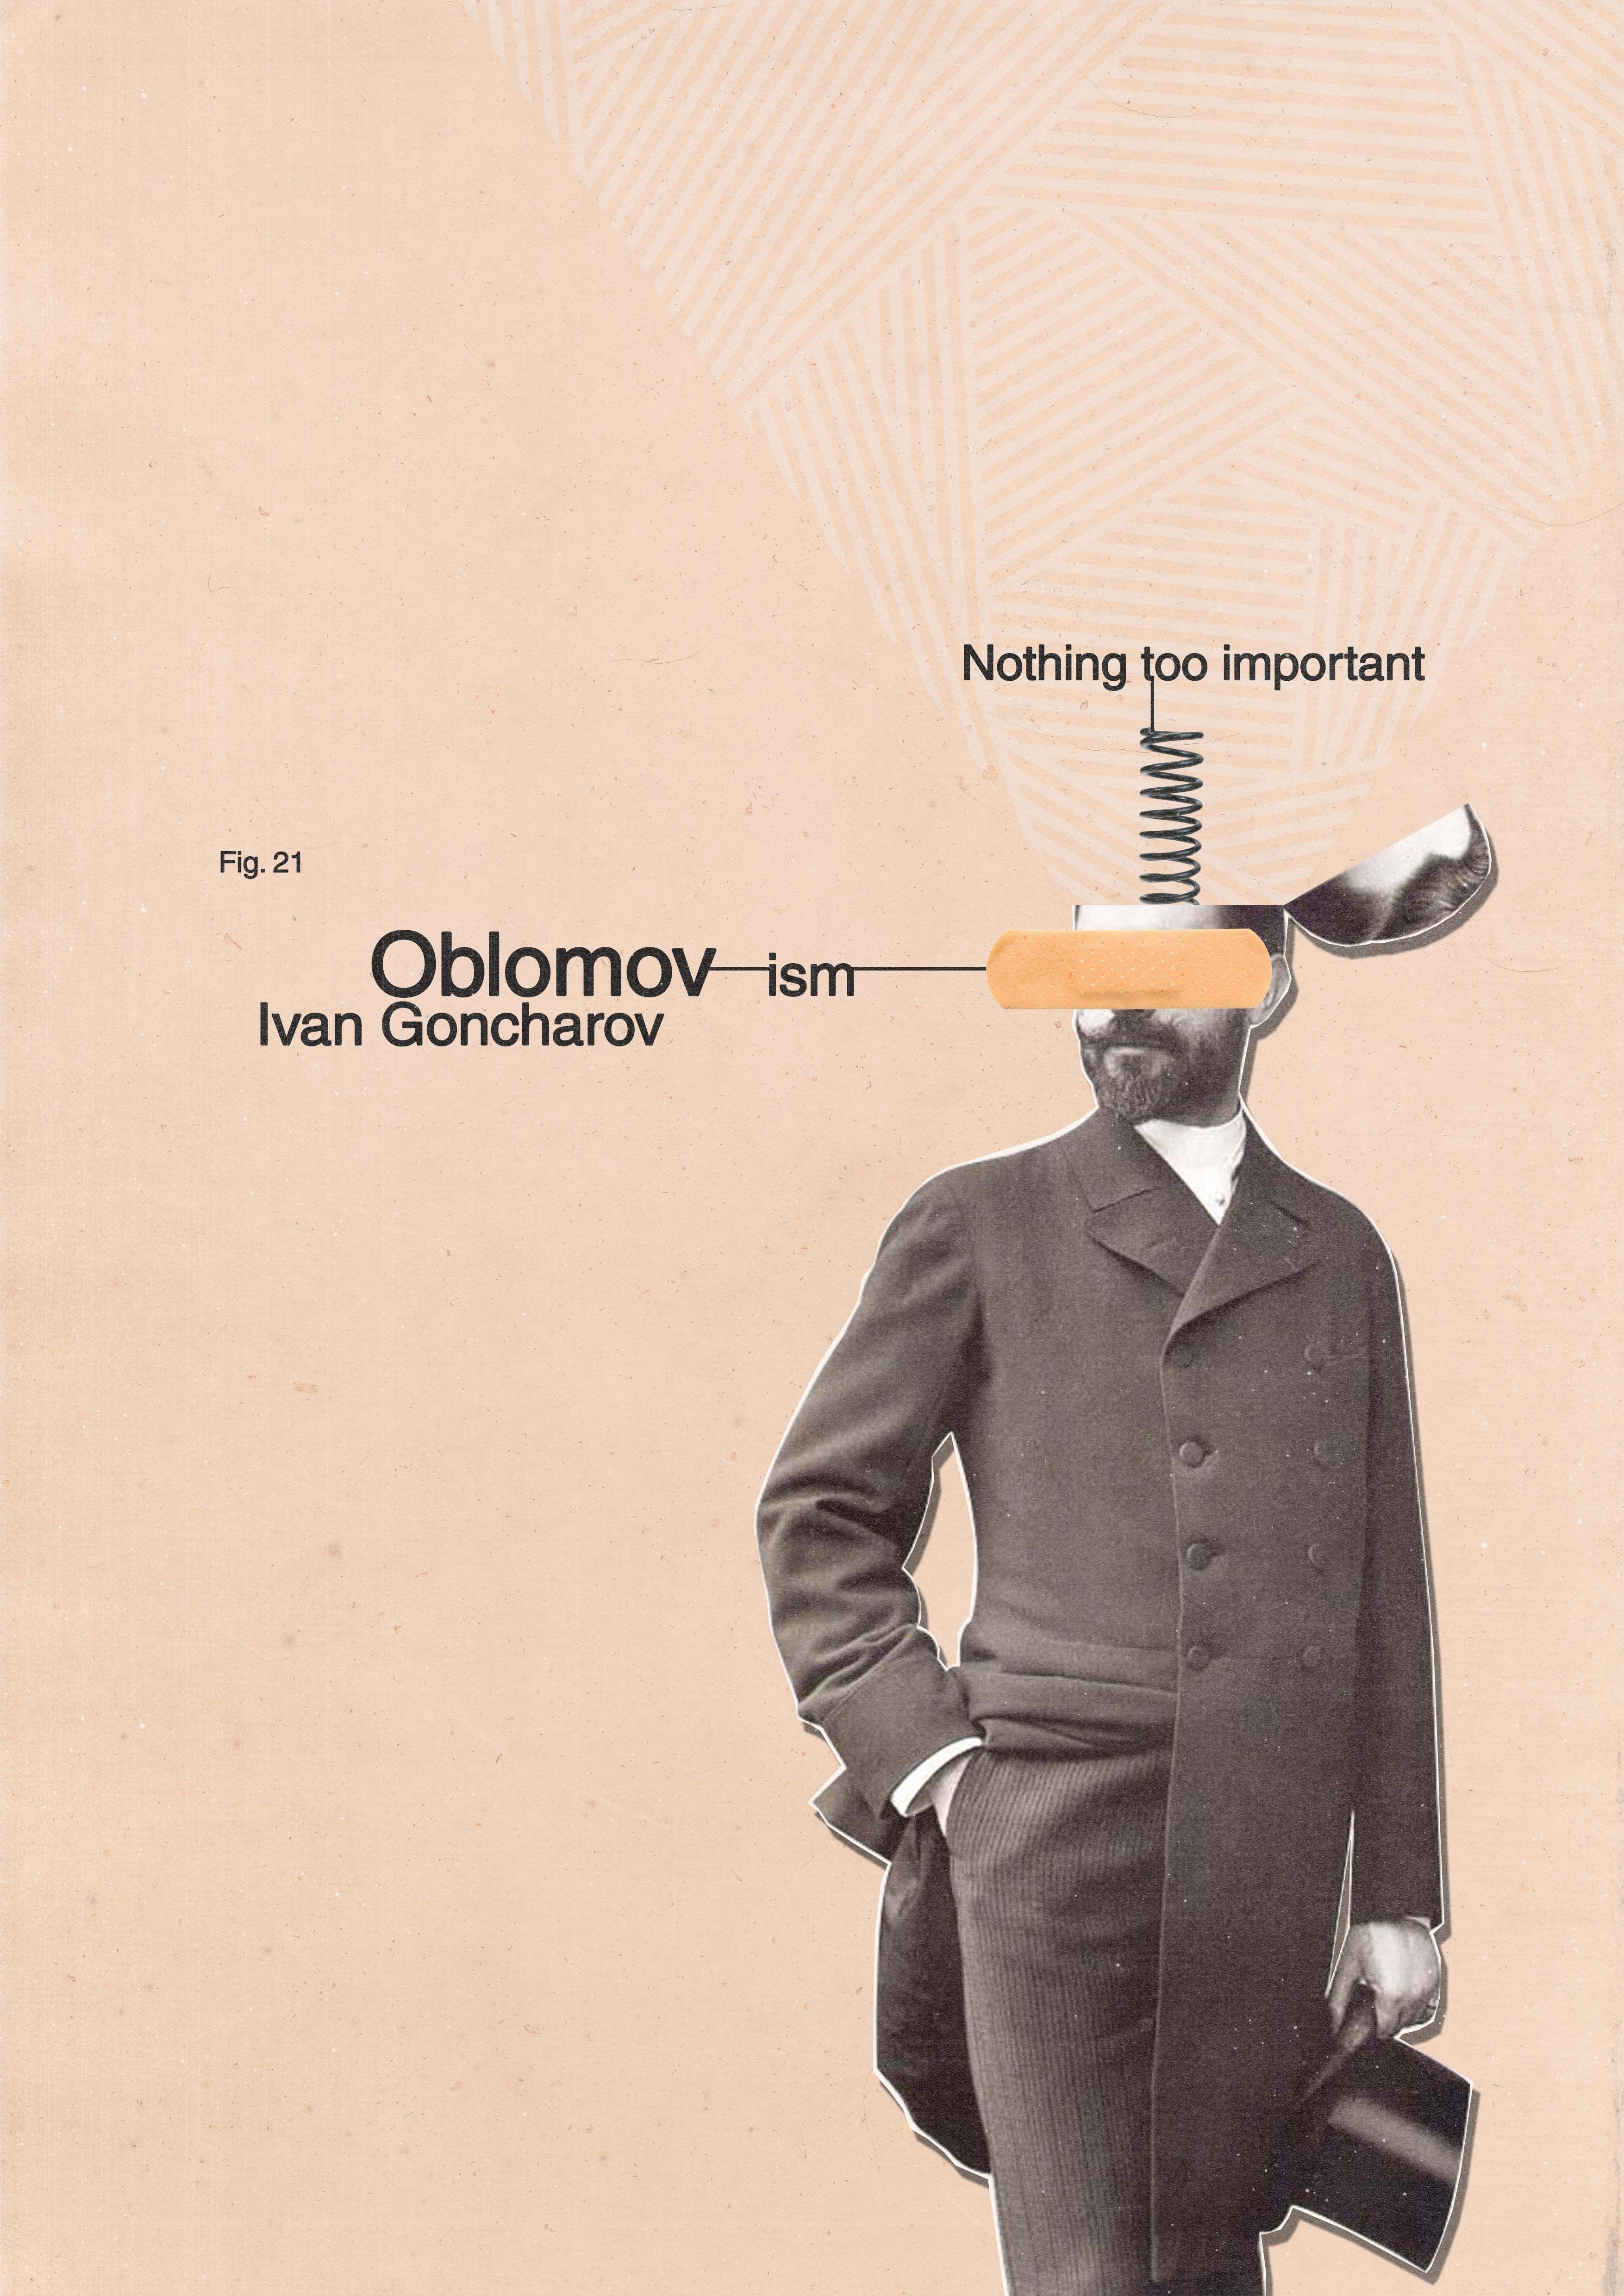 Ivan Goncharov, Ordinary history: summary, main characters, history of creation 97